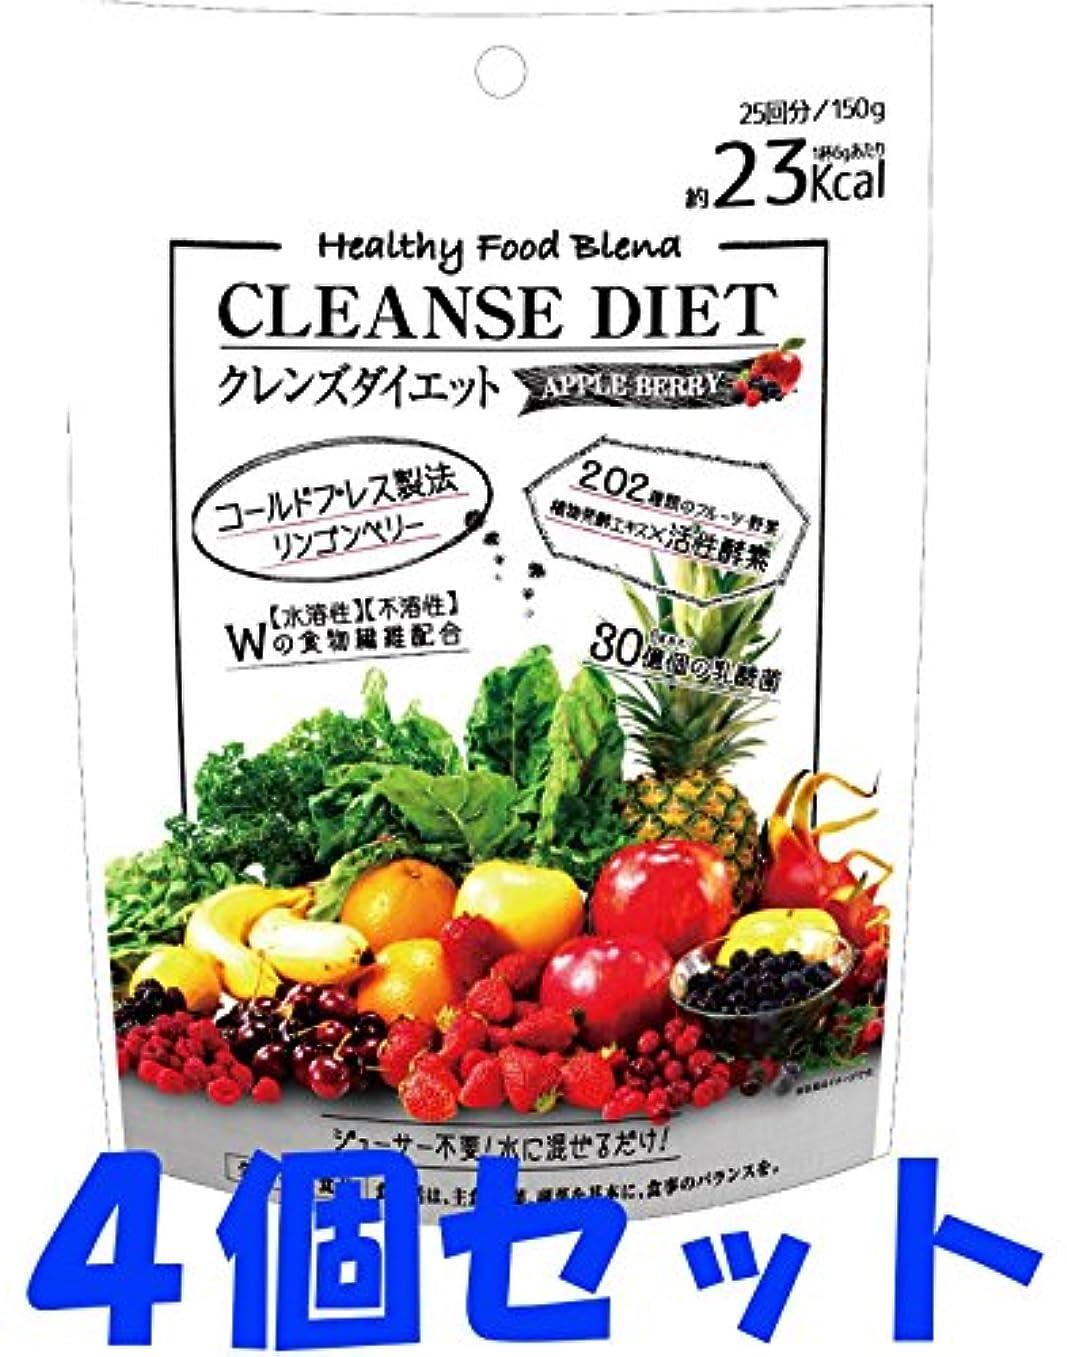 ドナウ川愛する発見【4個セット】クレンズ ダイエット アップルベリー 150g